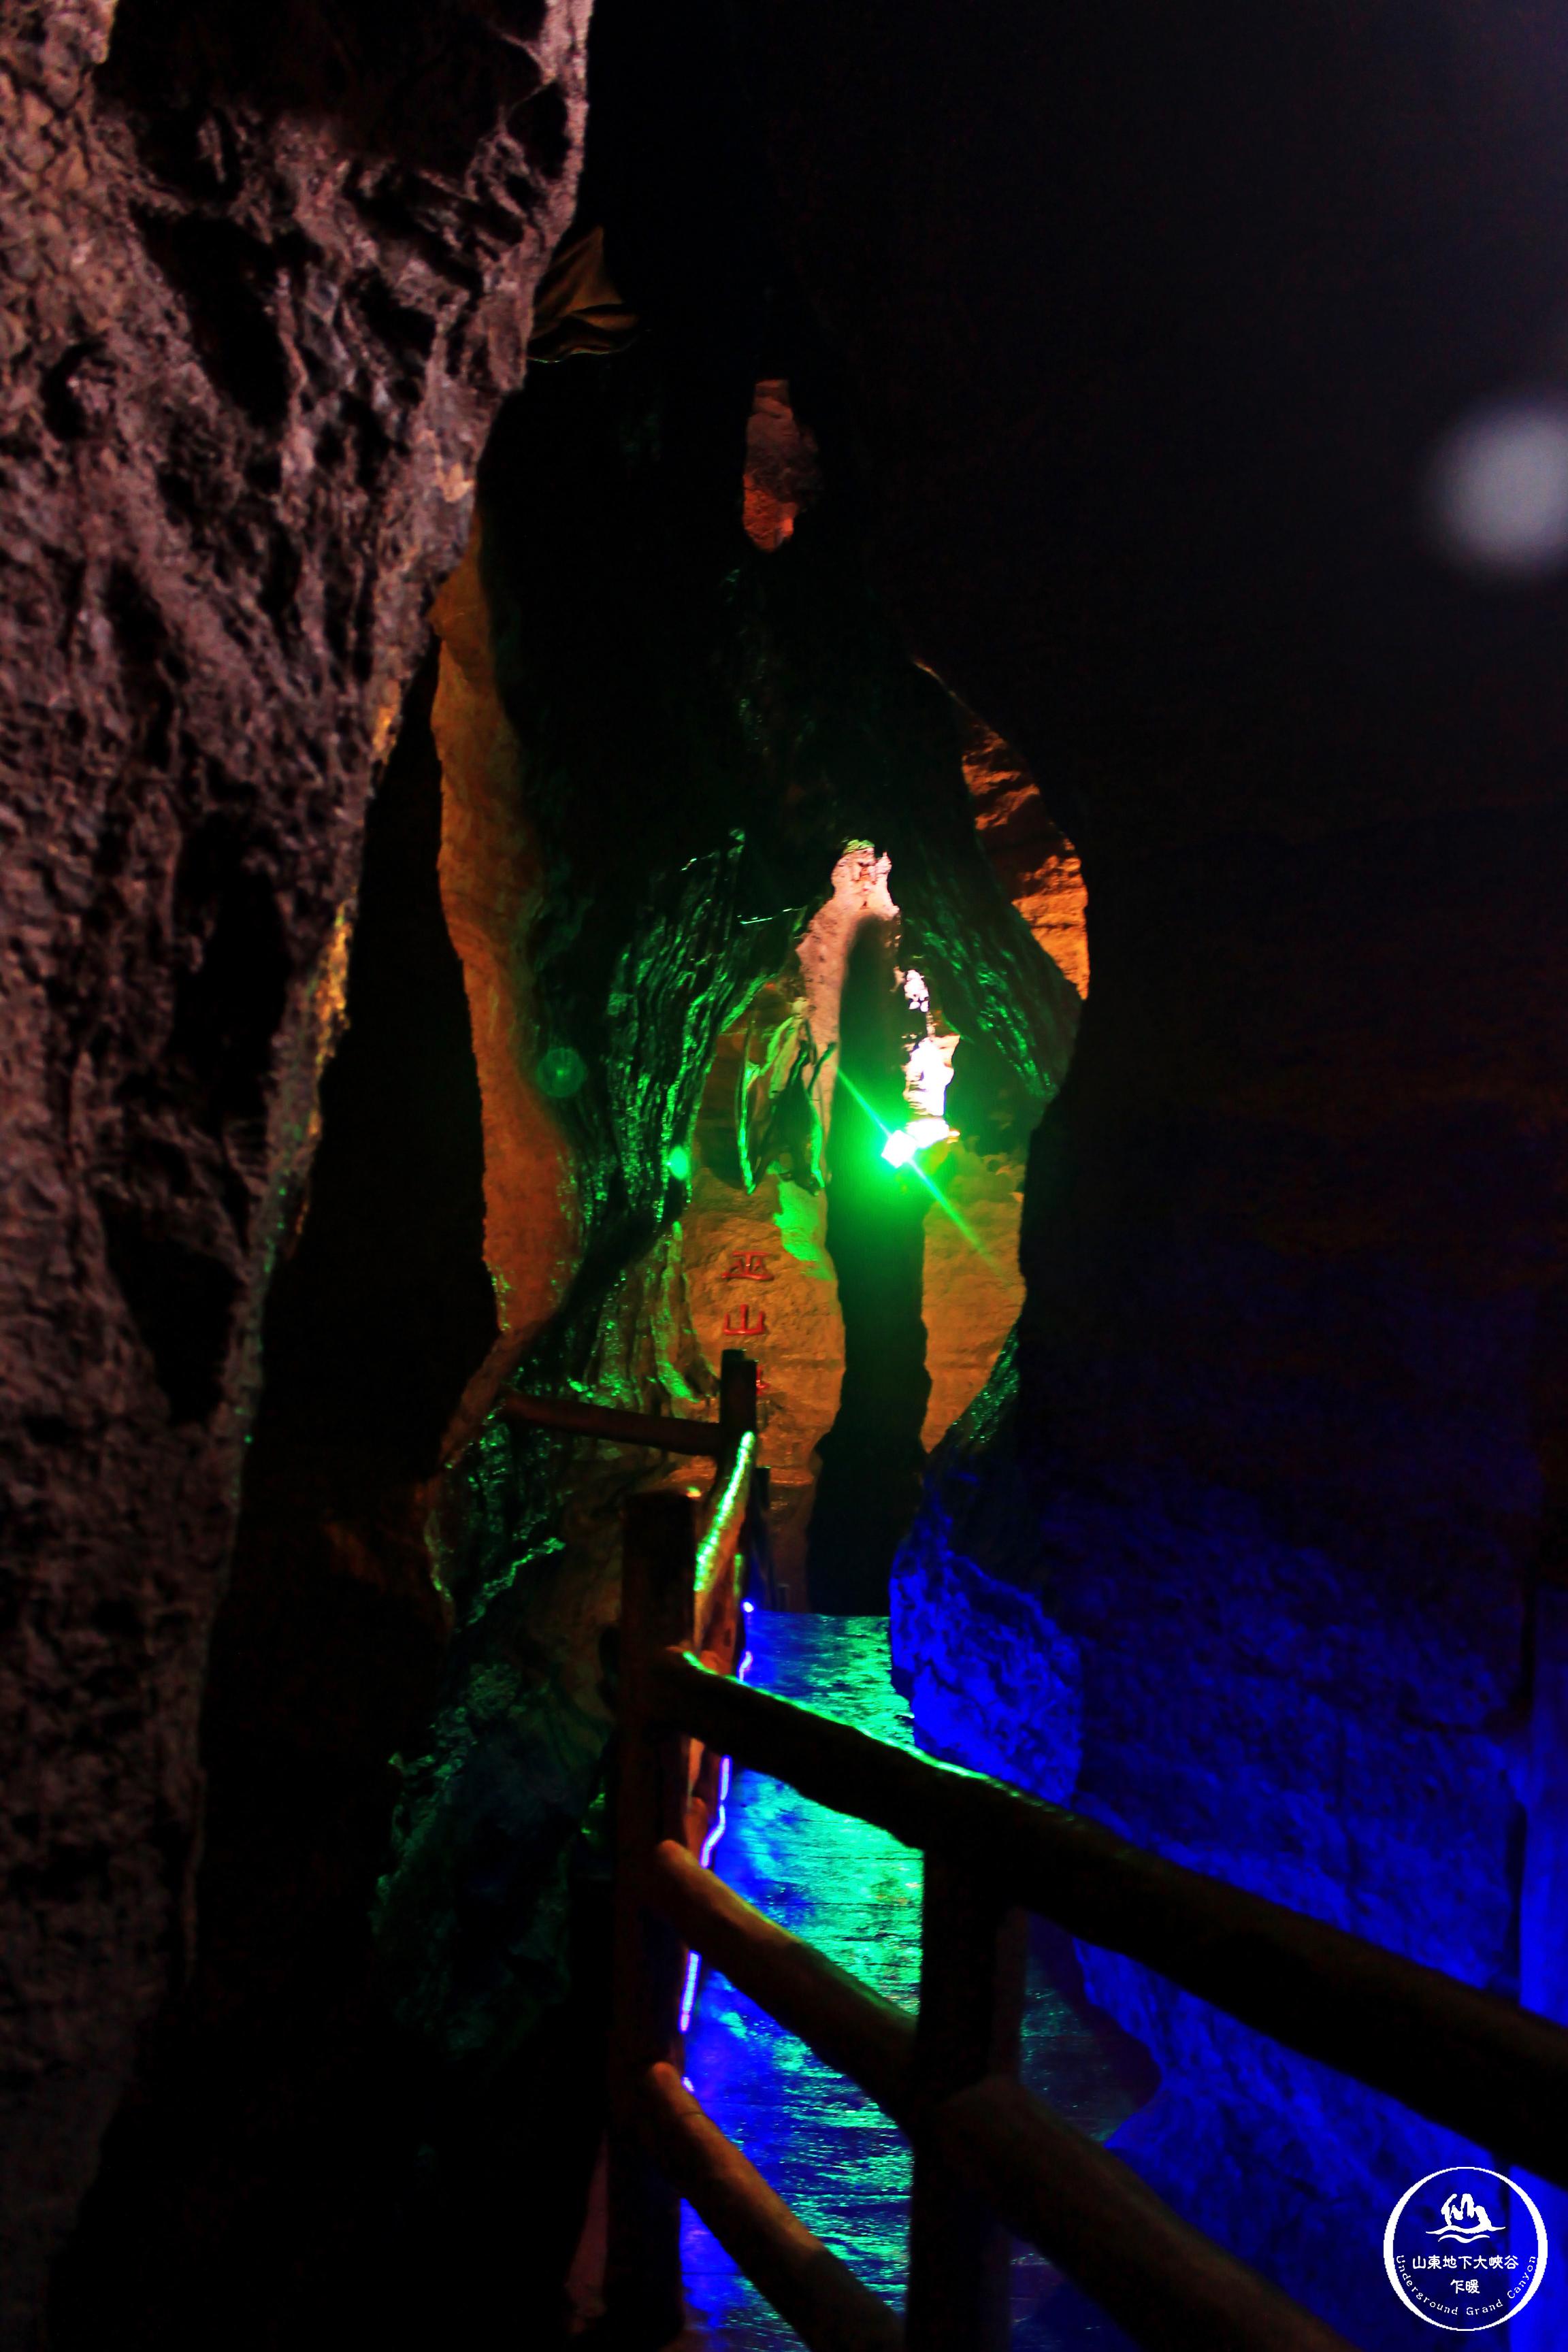 【夏天这样玩】地下大峡谷,一半透心凉一半是